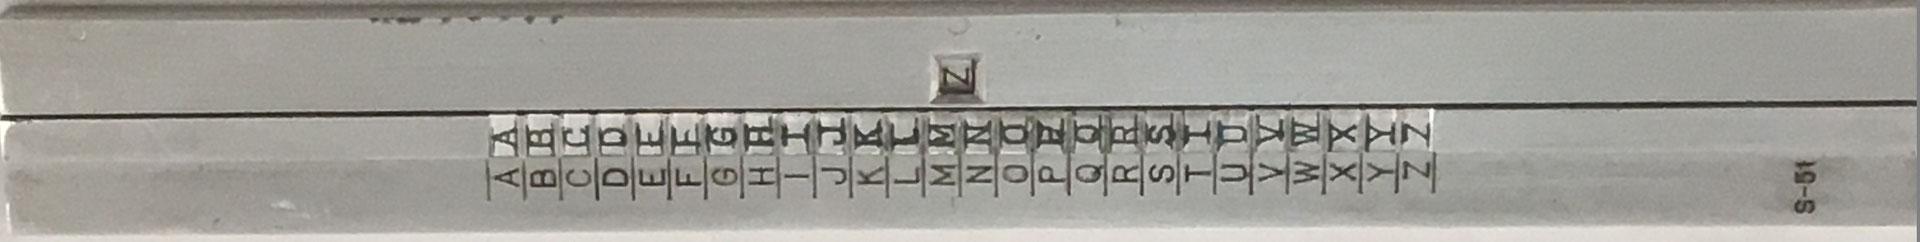 """Aparato de cifrar """"Cuadro Tipo S-51"""" del ejército español para cifrar y descifrar mensajes, similar a una regla de cálculo, 26x3 cm"""